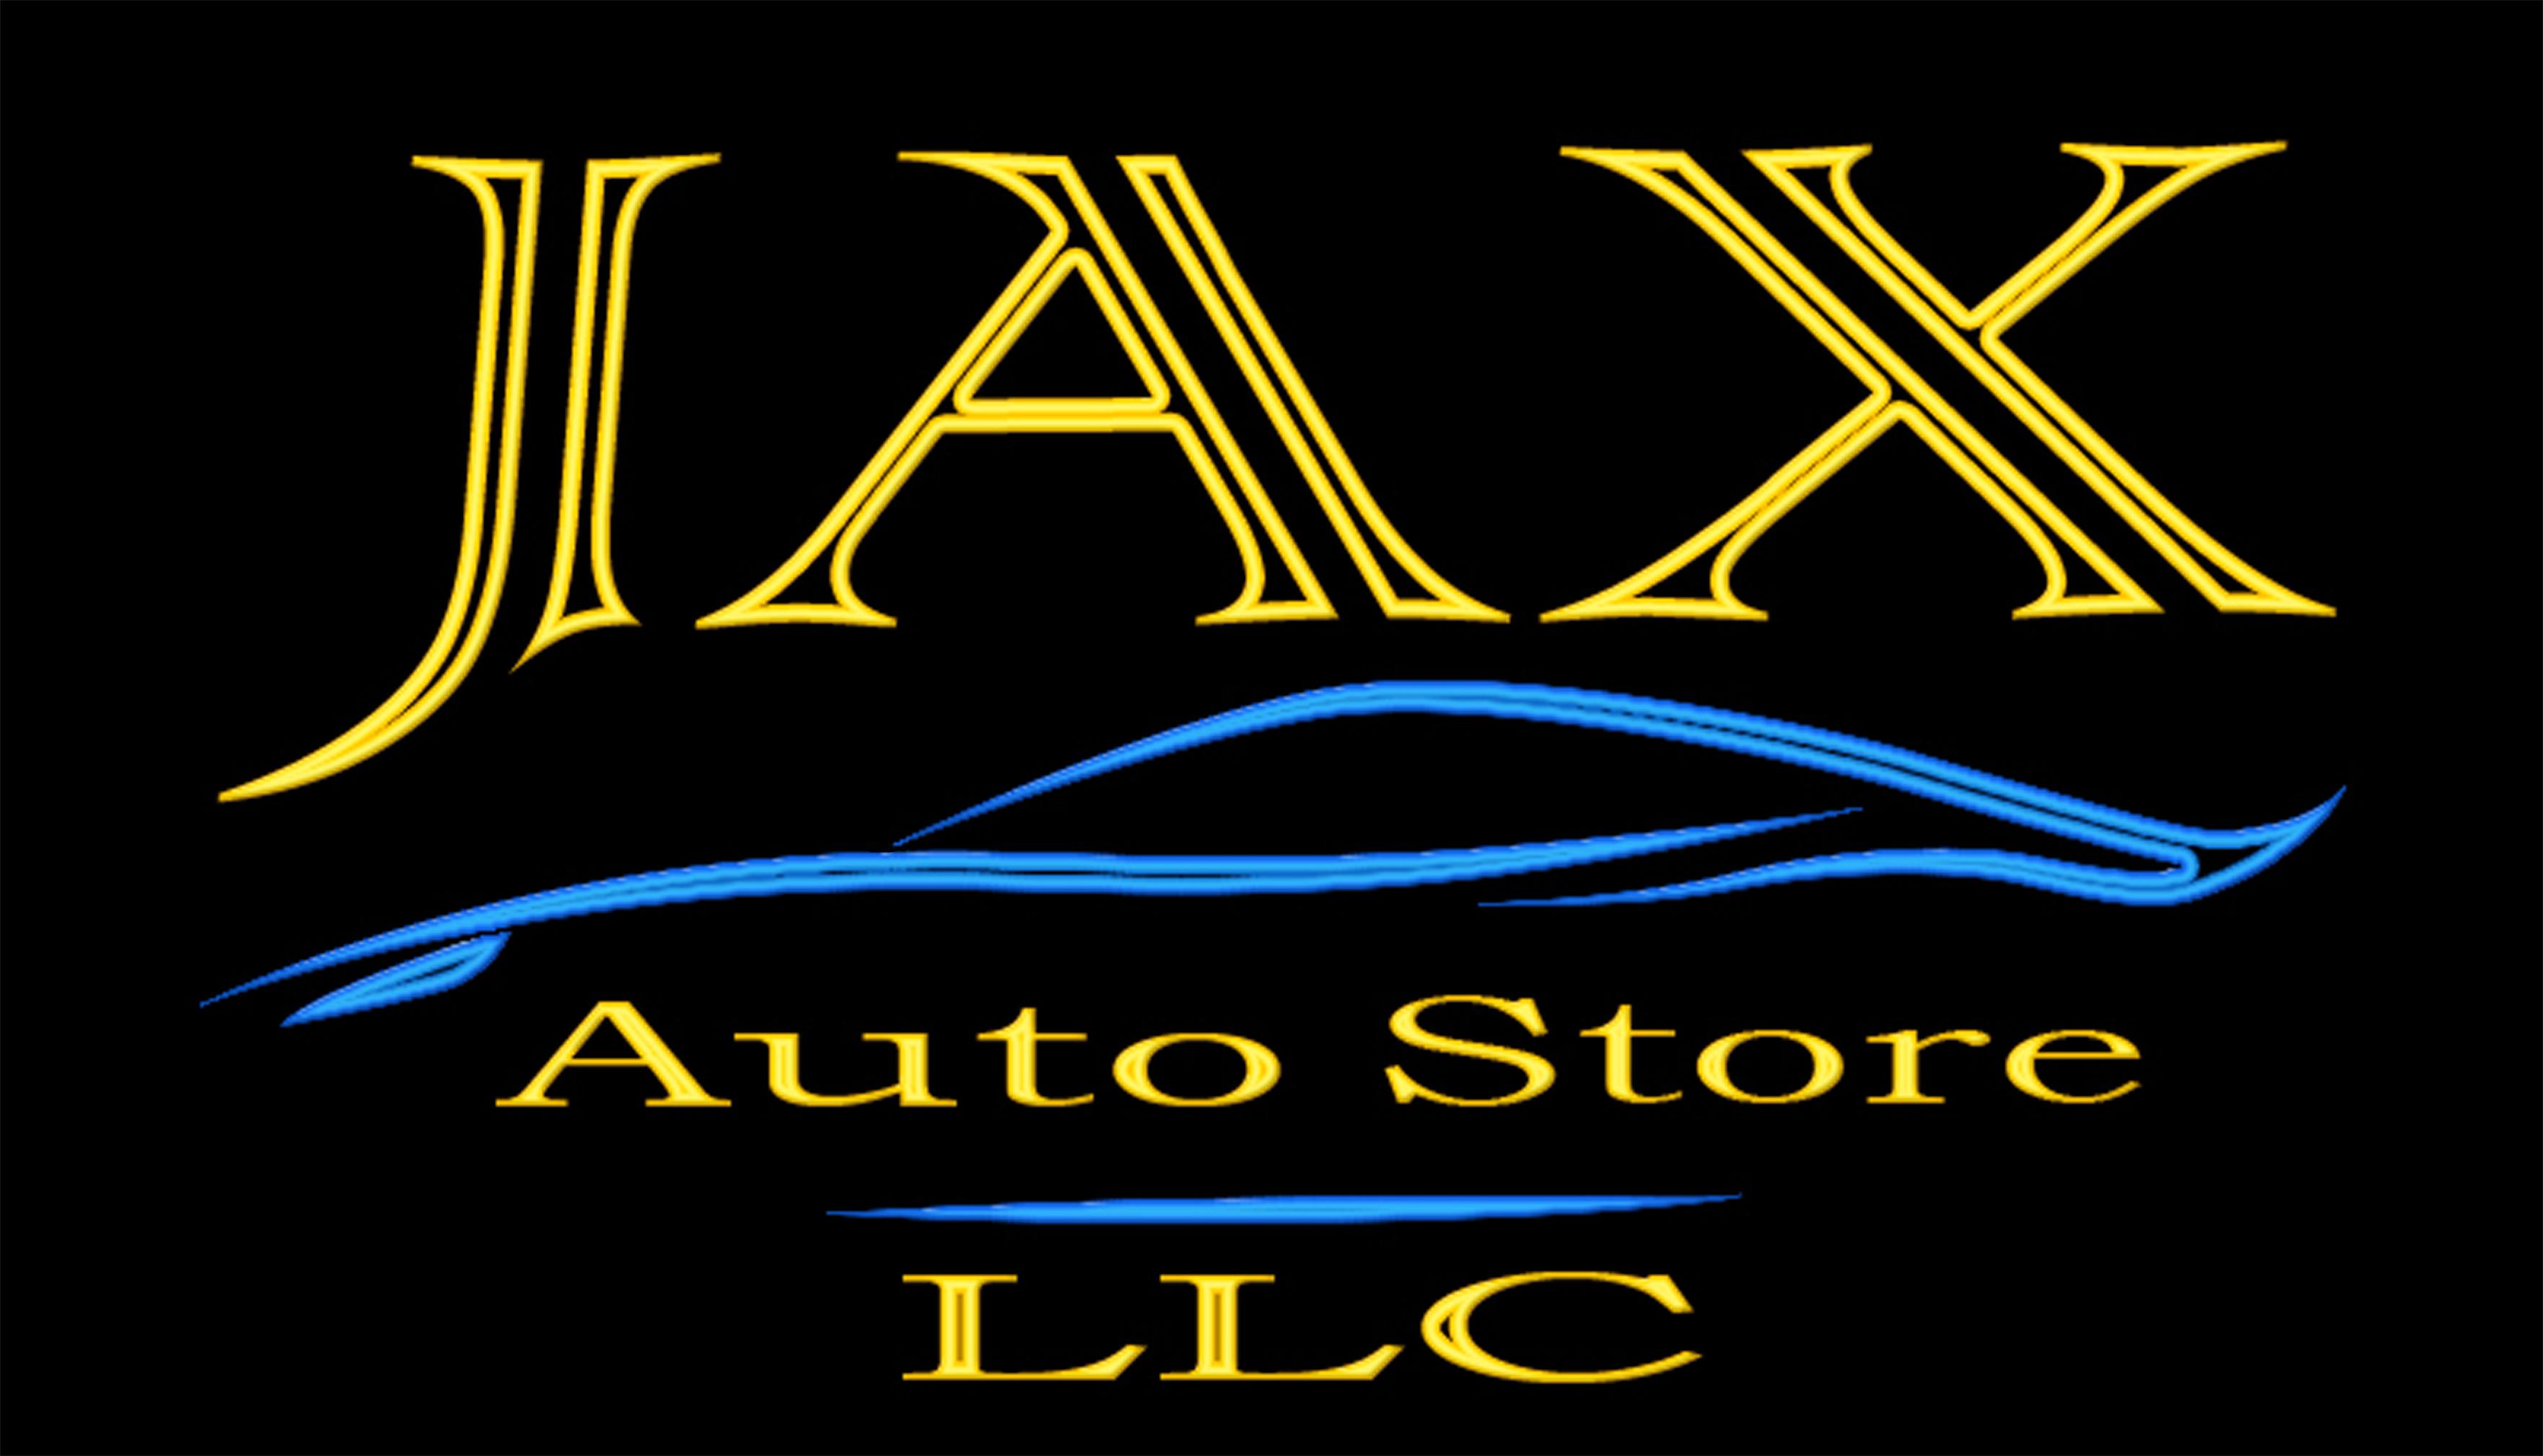 JAX AUTO STORE LLC